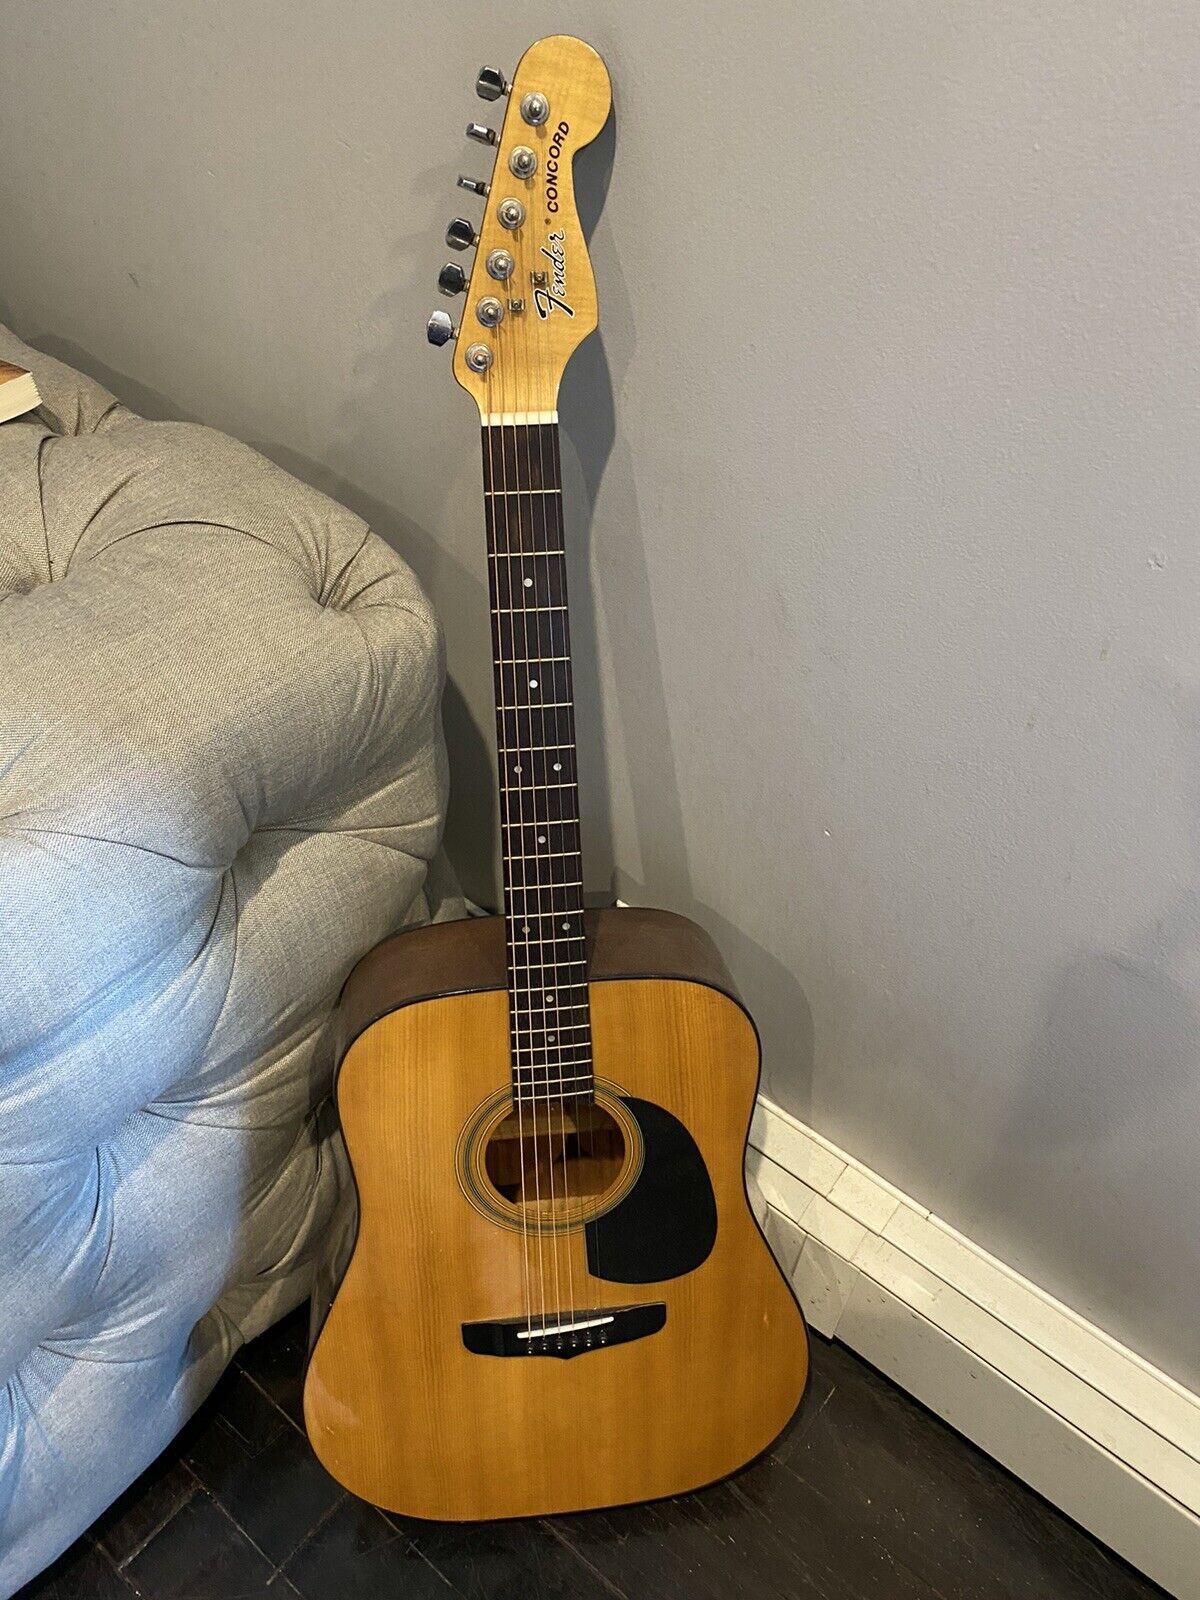 s l1600 - fender concord acoustic guitar